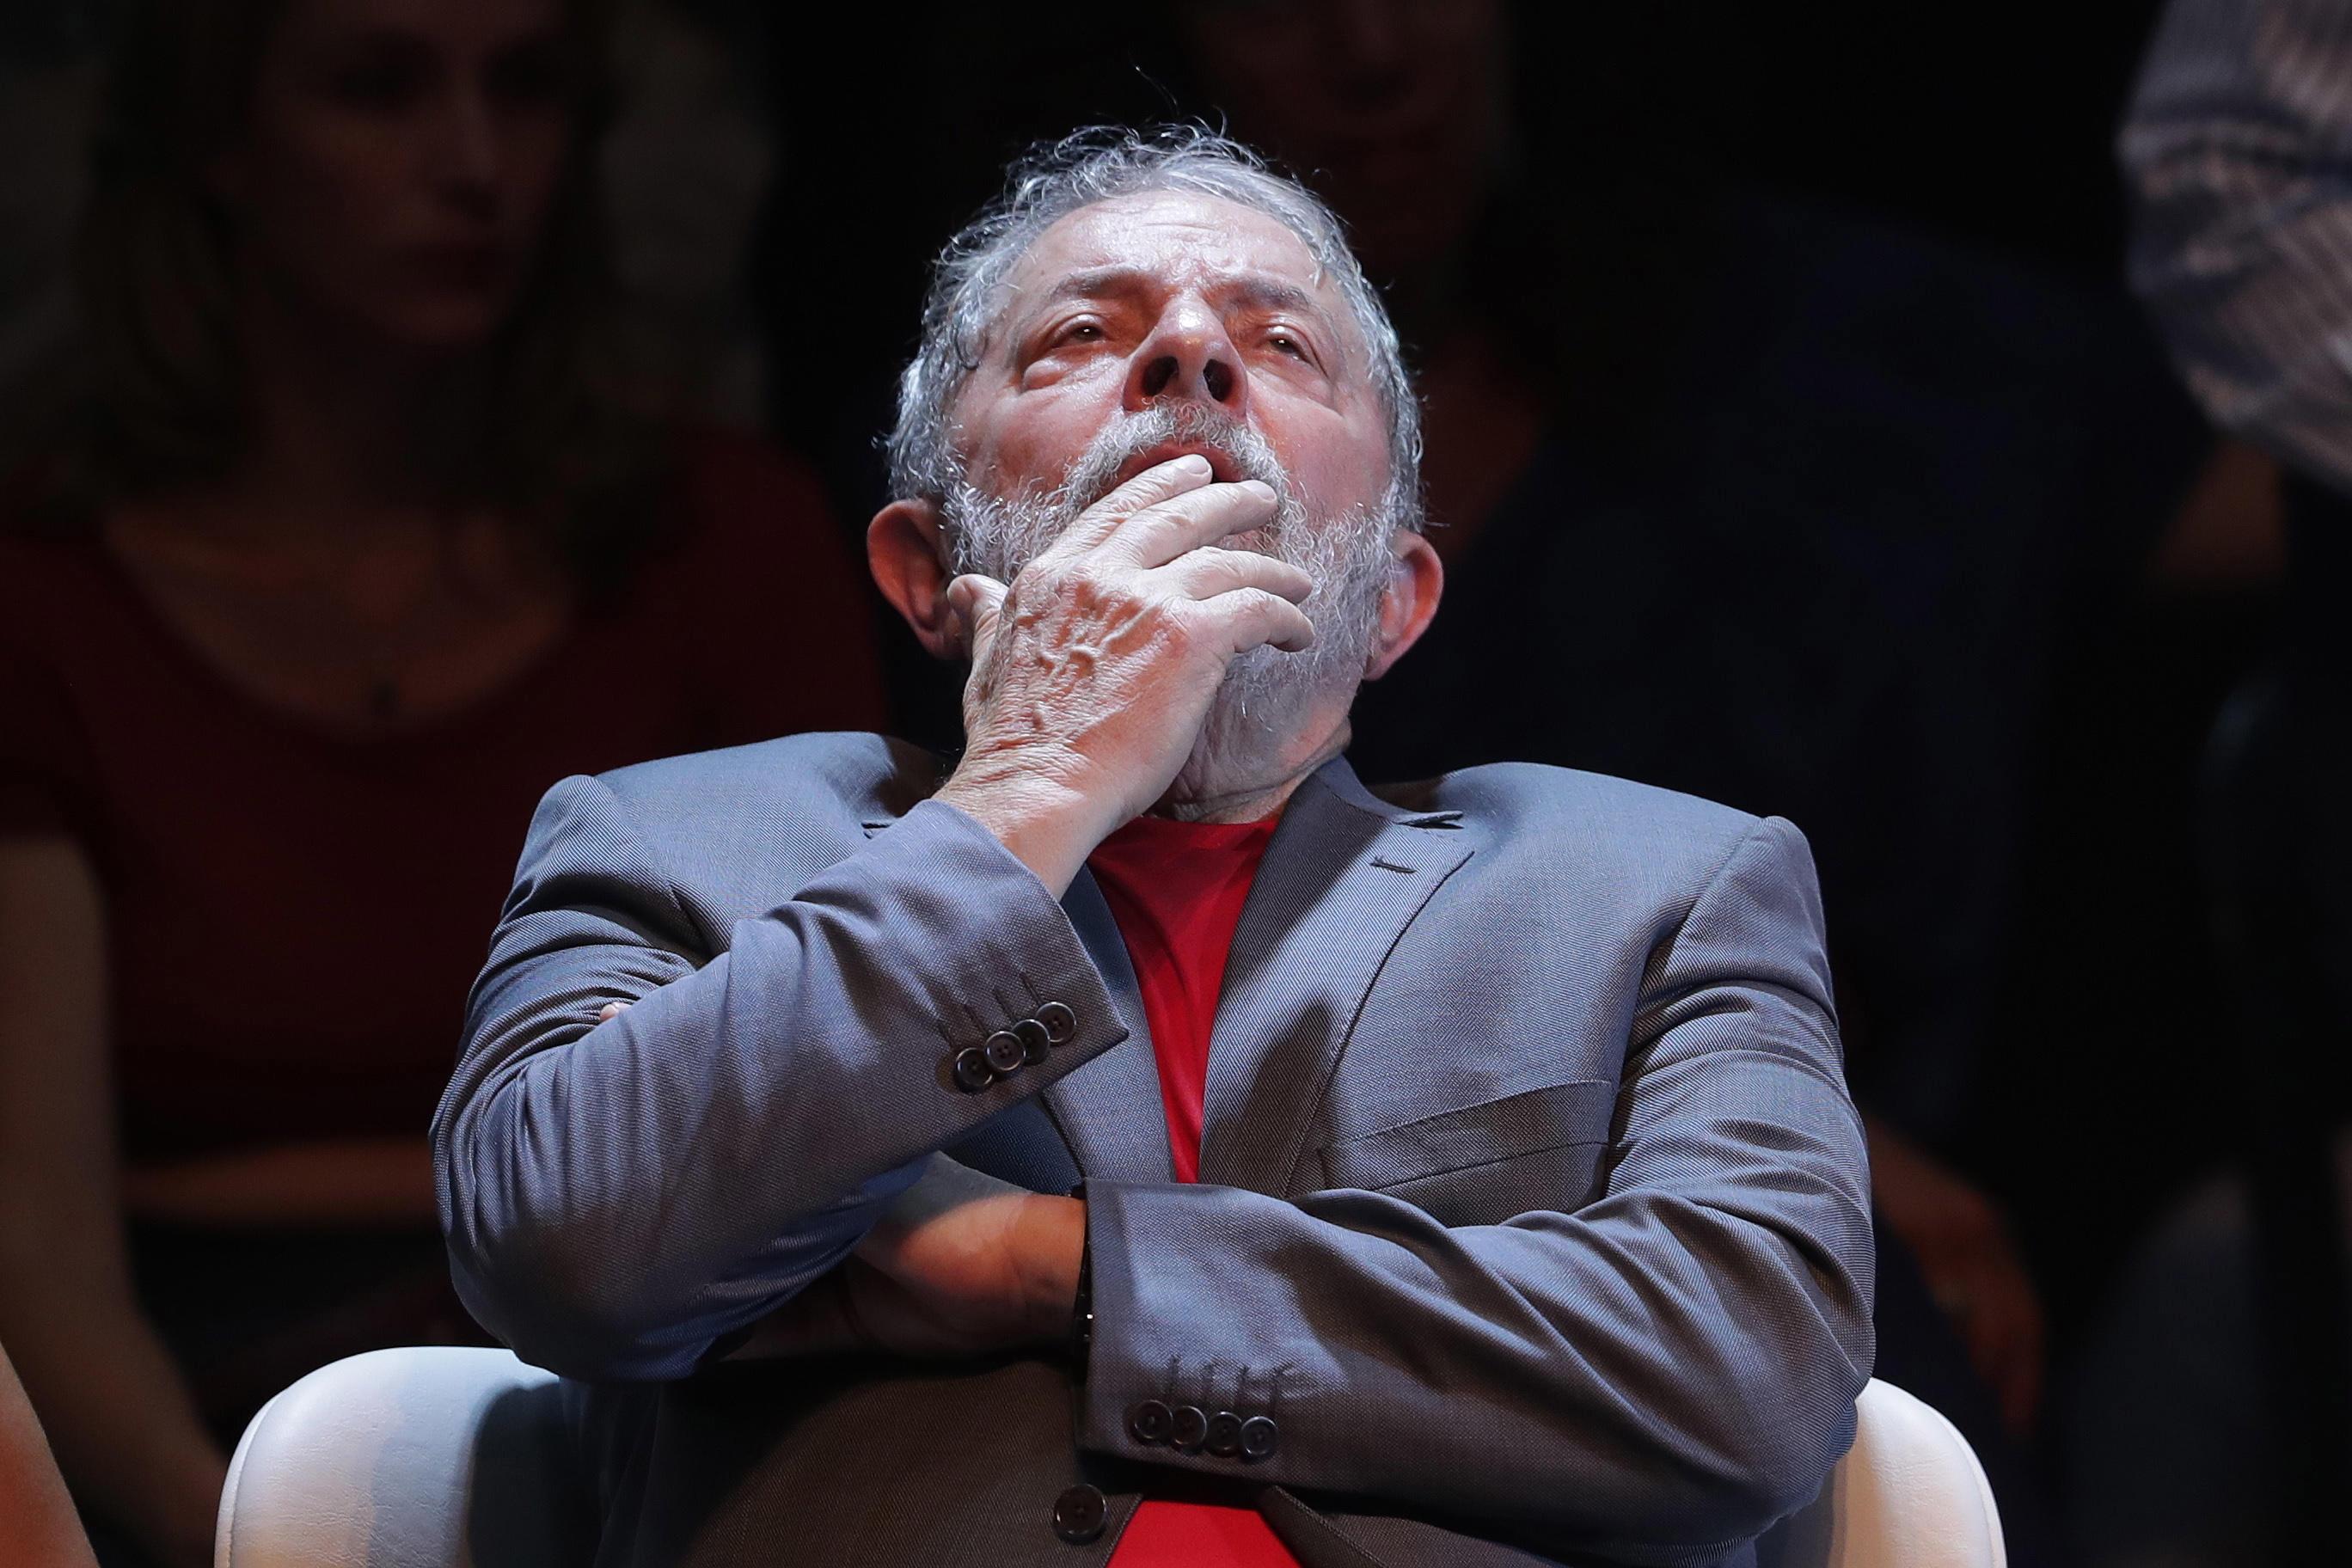 Ministério Público Eleitoral brasileiro recomenda a impugnação de candidatura de Lula da Silva